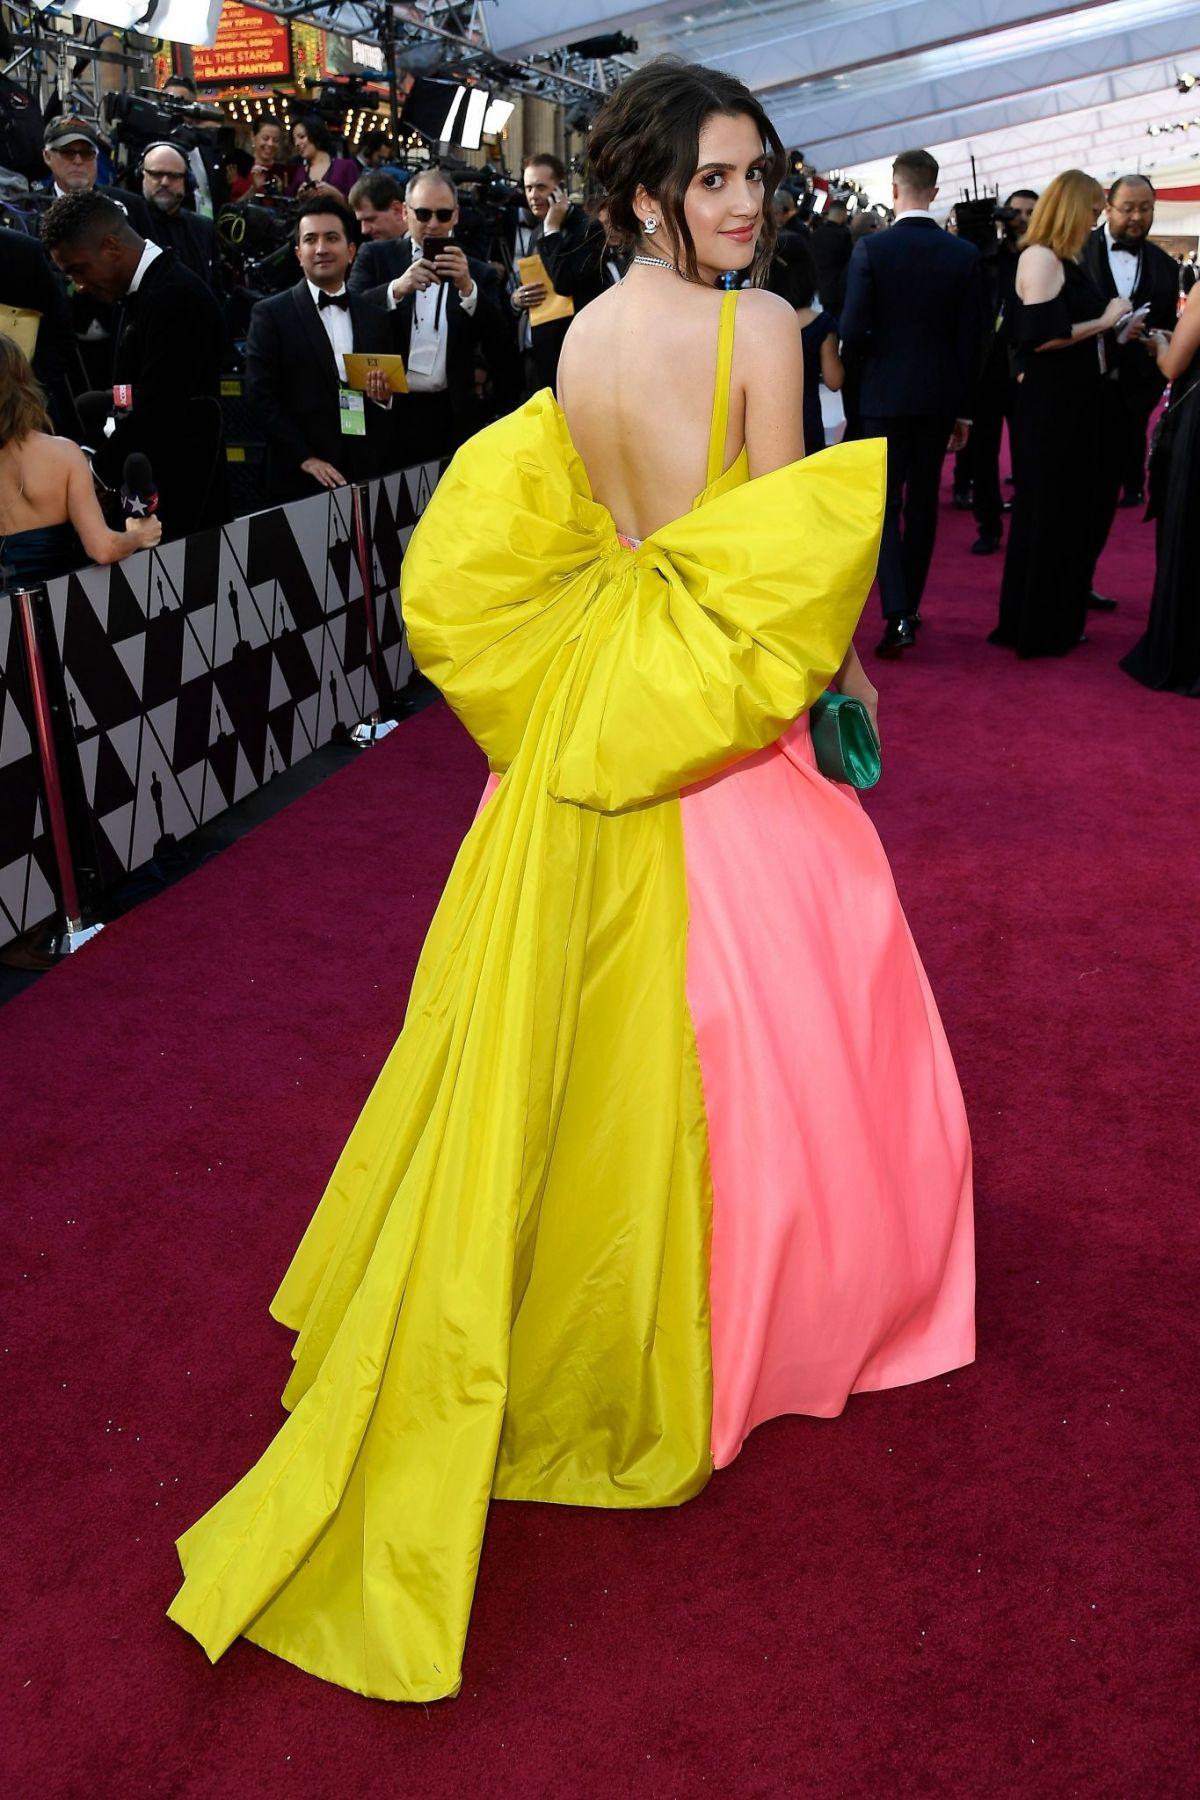 Laura Marano At Oscars 2019 In Los Angeles 02 24 2019